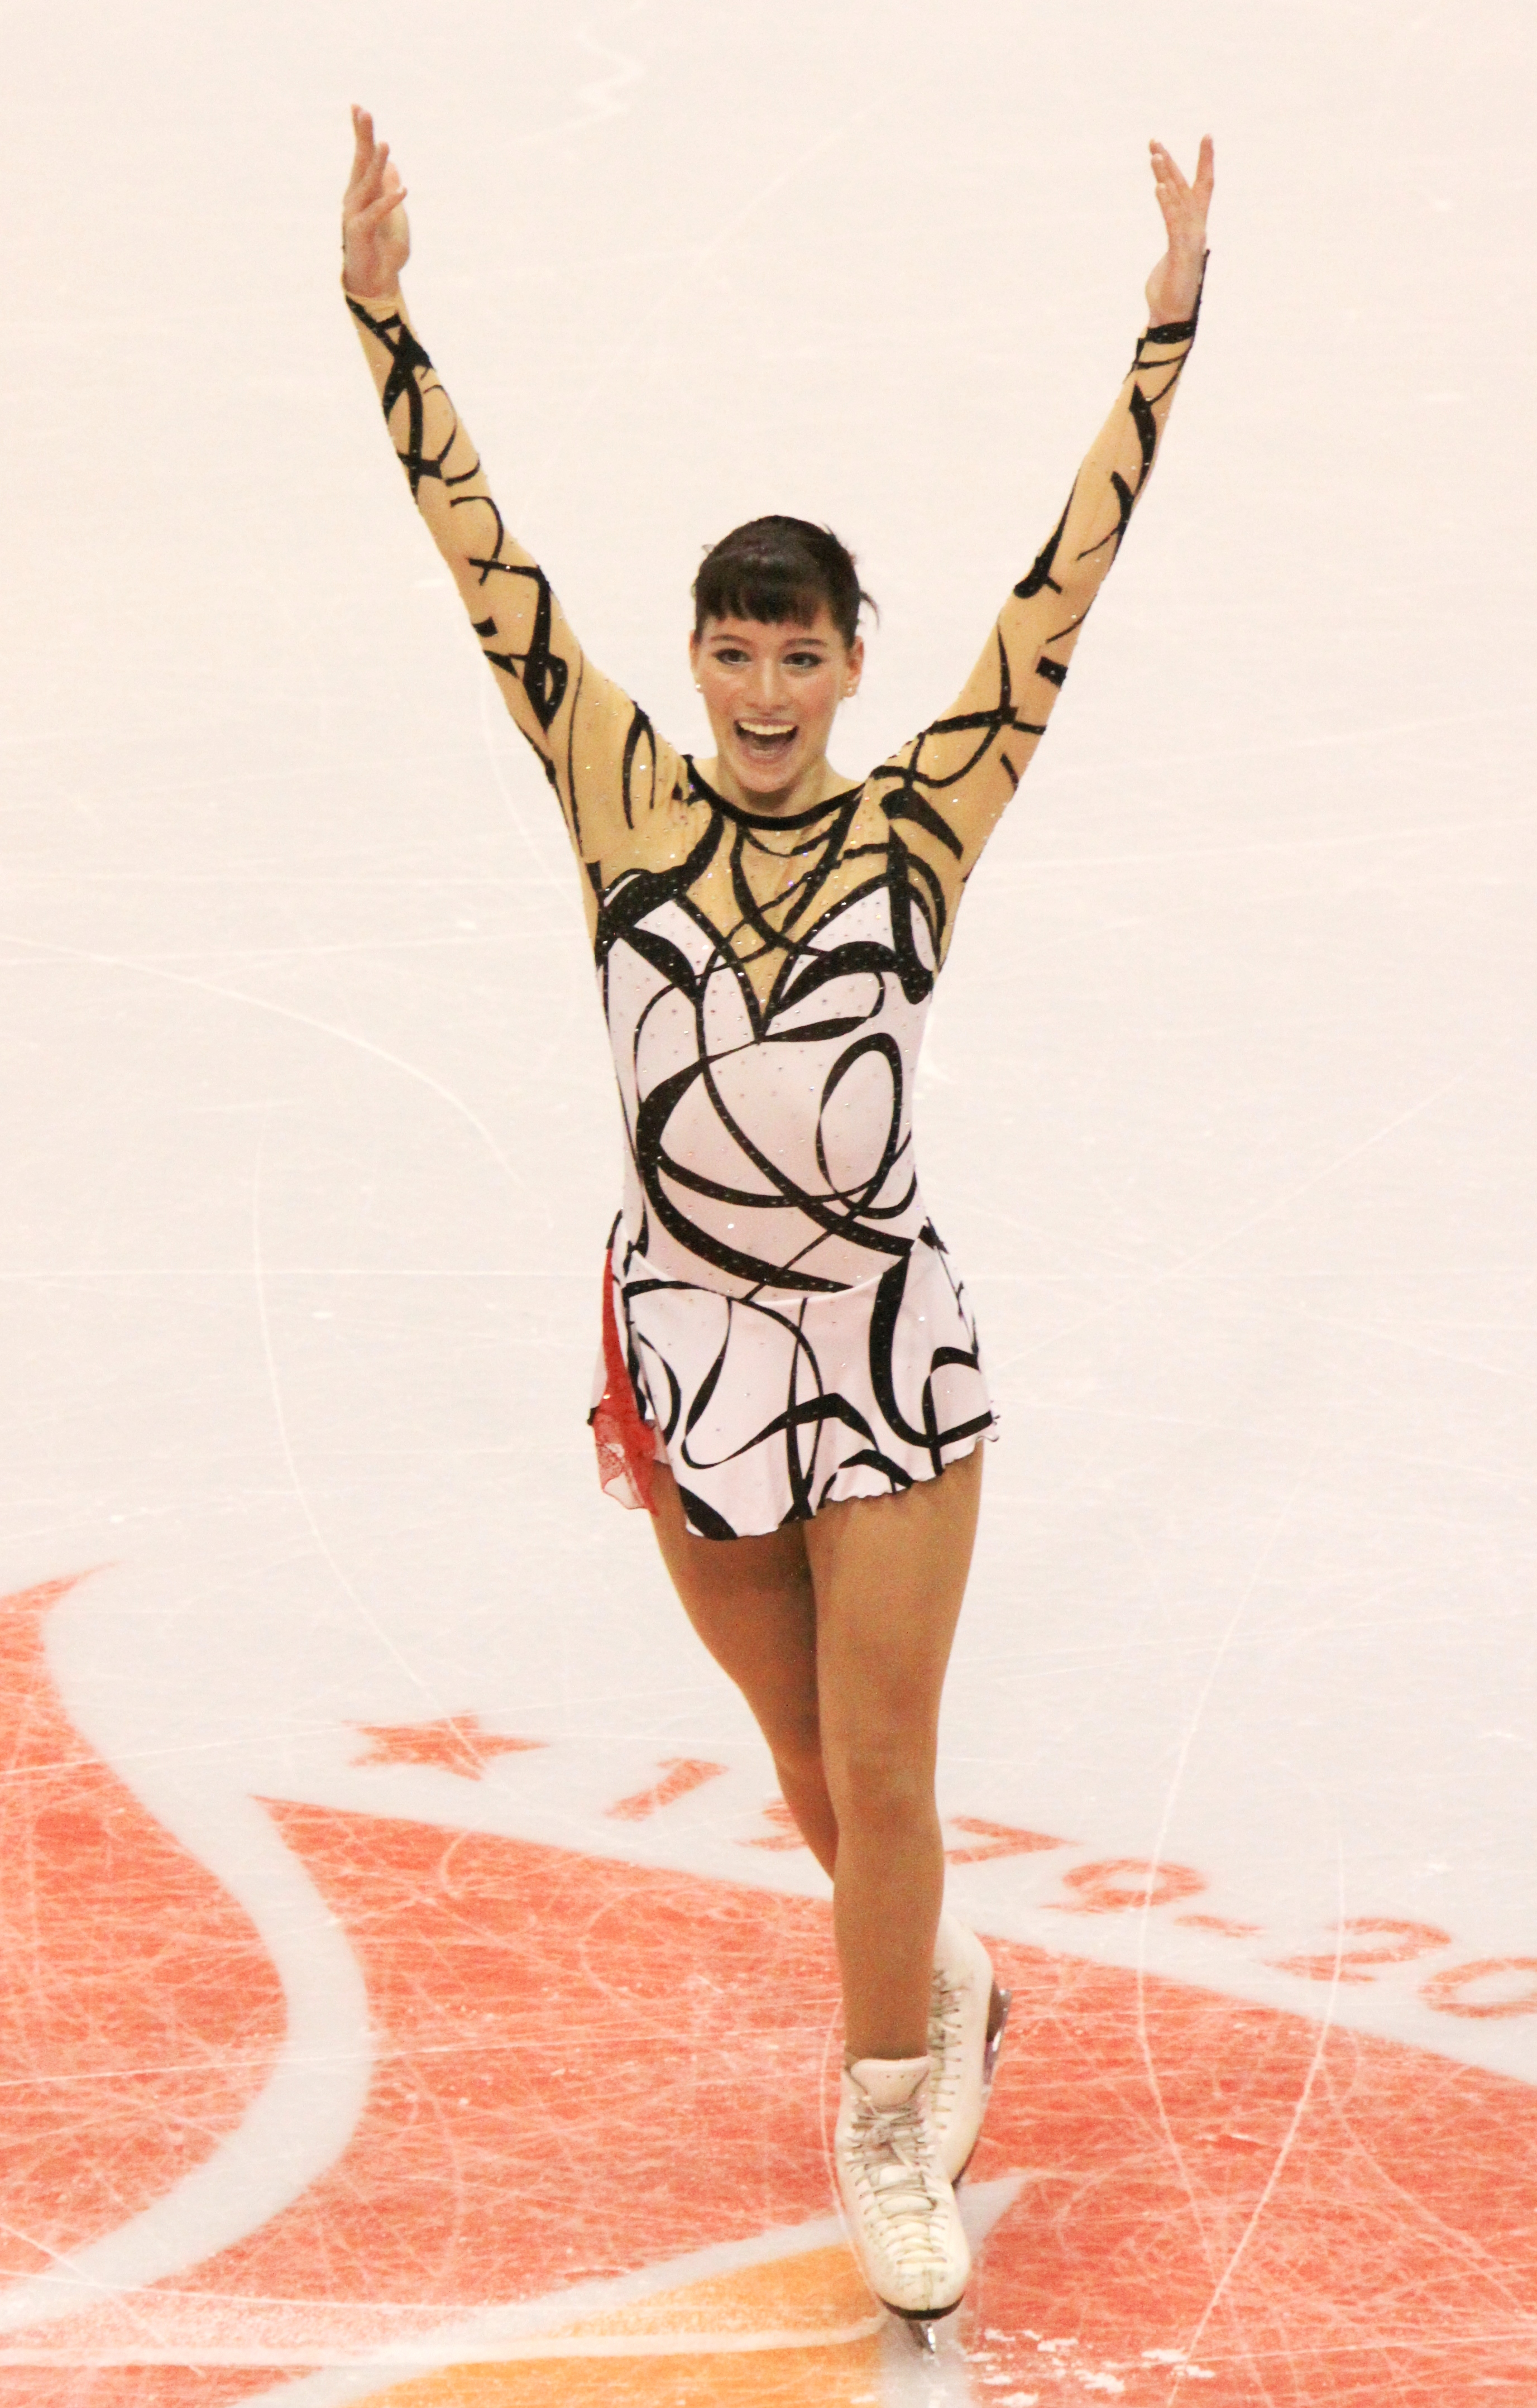 File:Sarah Hecken ISU Senior Grand Prix ladies German Champion.